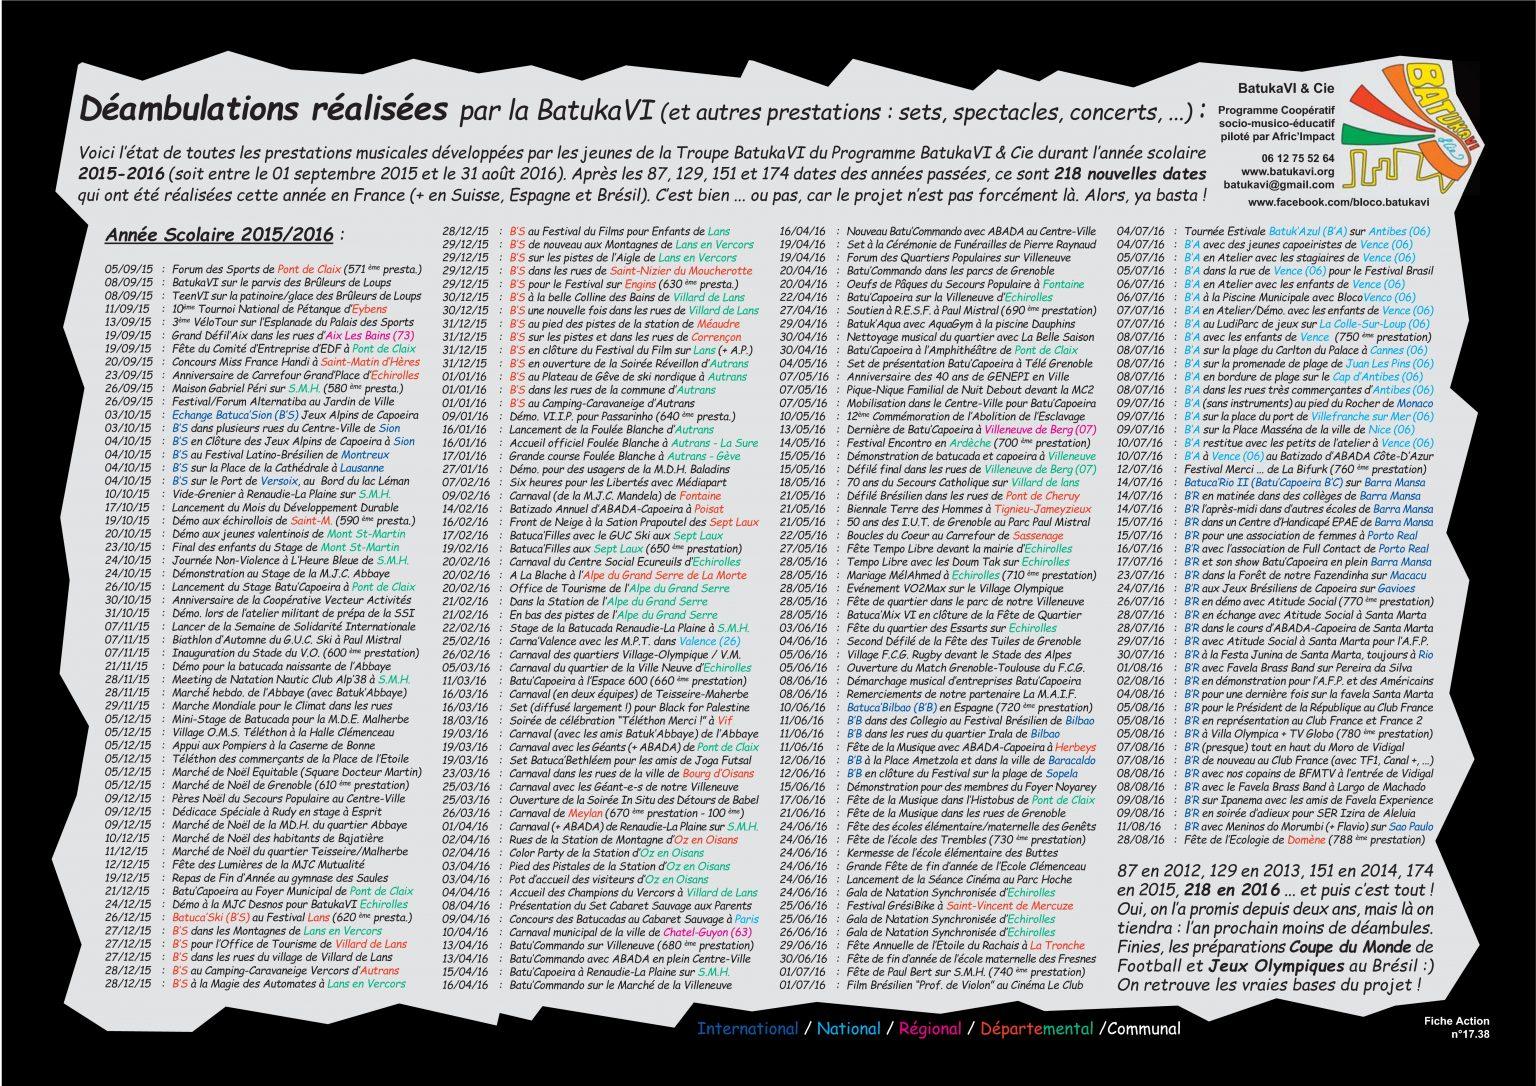 BatukaVI - F.A. 17.38 - Liste des Déambulations Réalisées 2015-2016